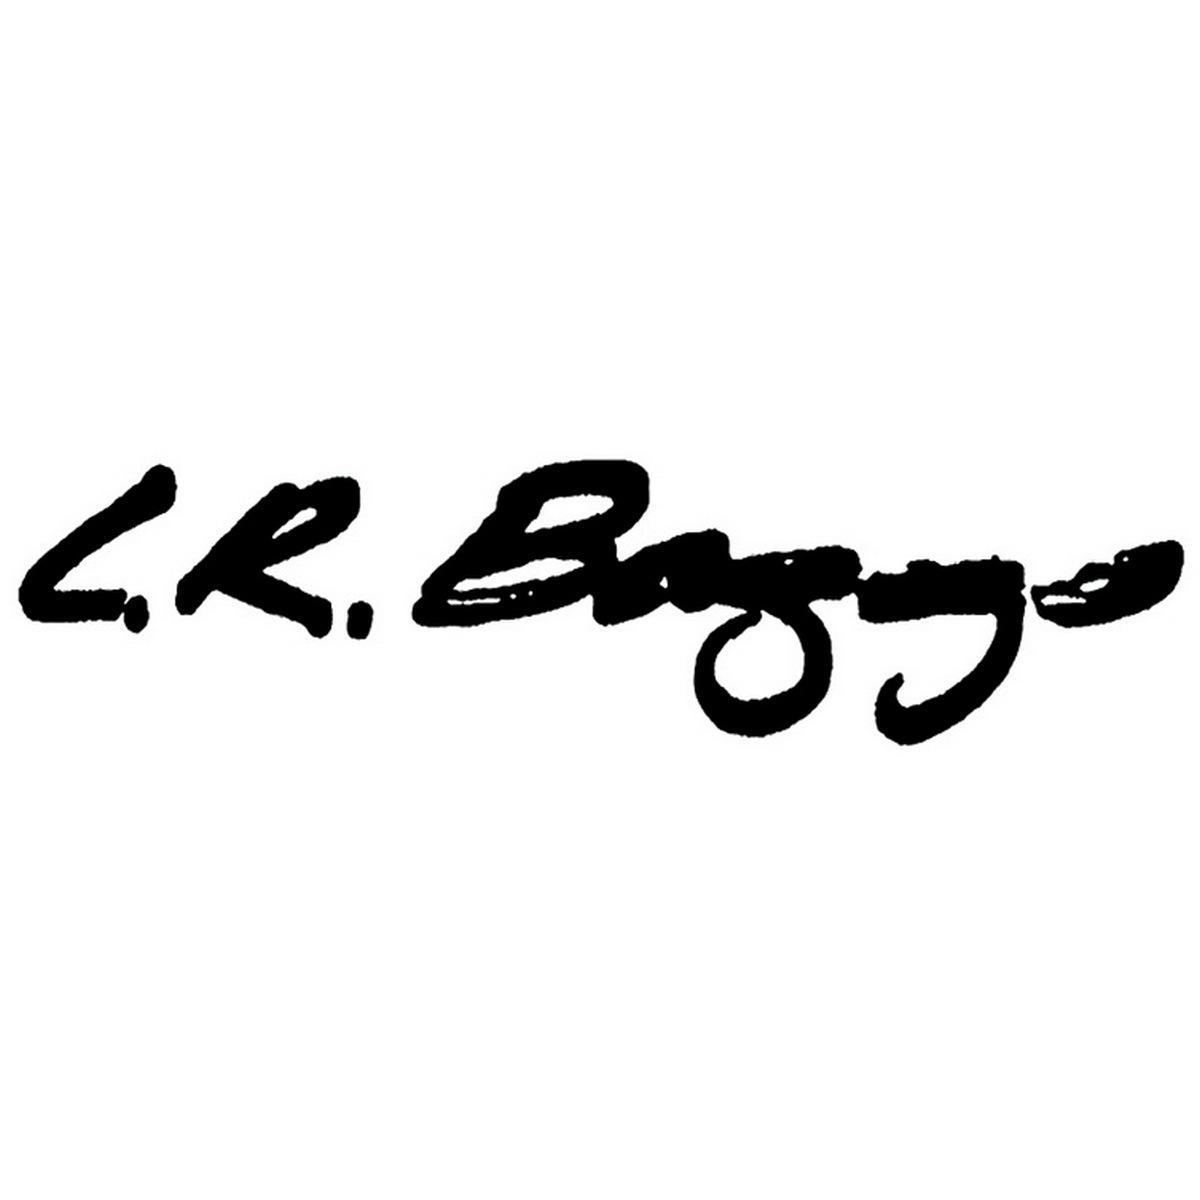 Lr baggs logo